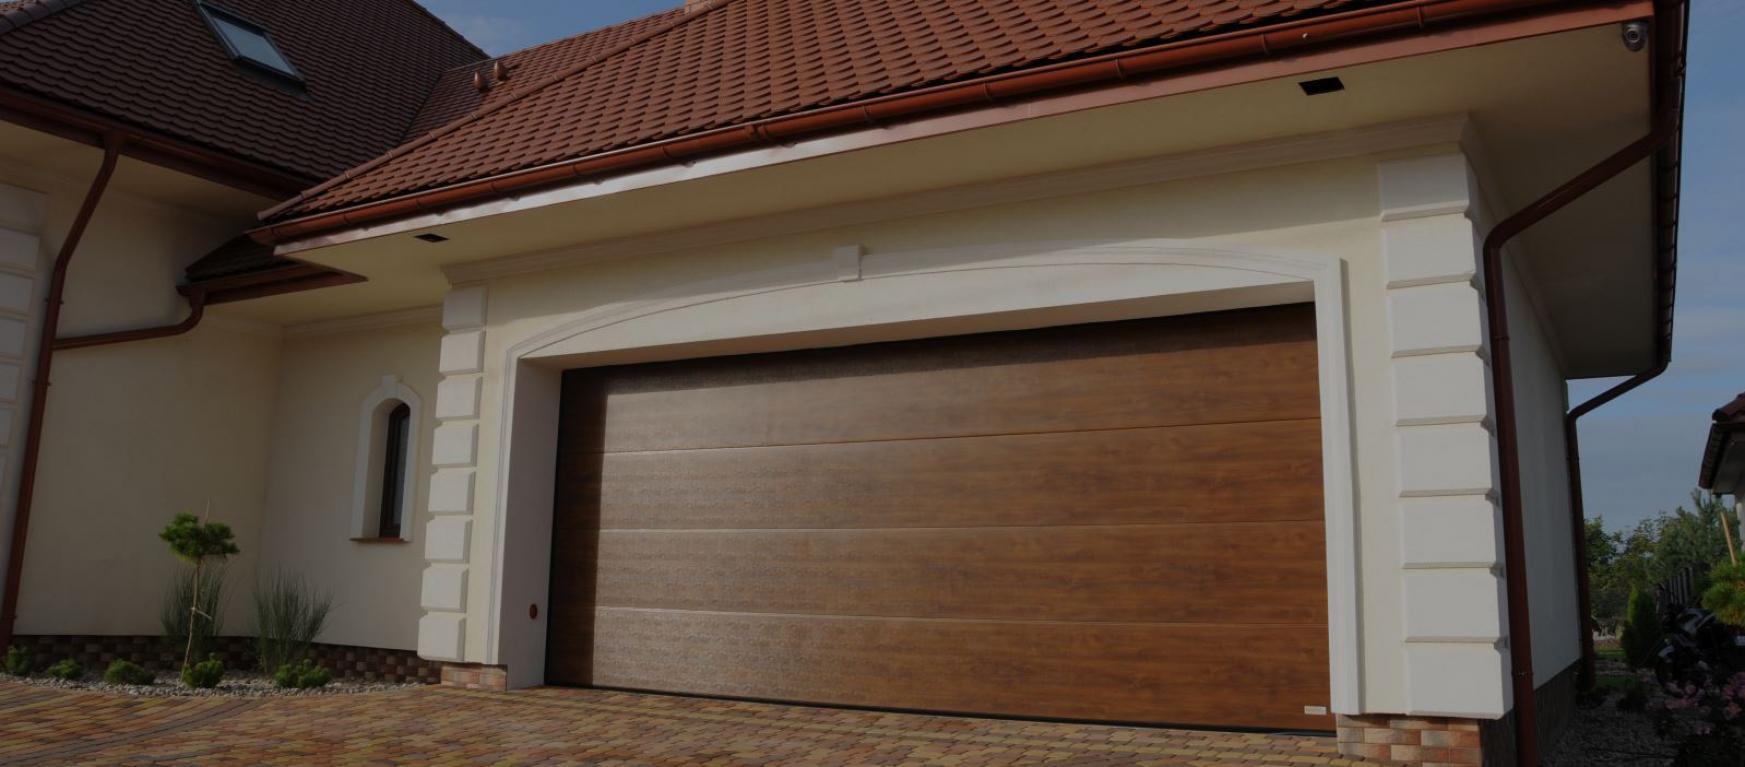 Brama garażowa 3395 zł z montażem